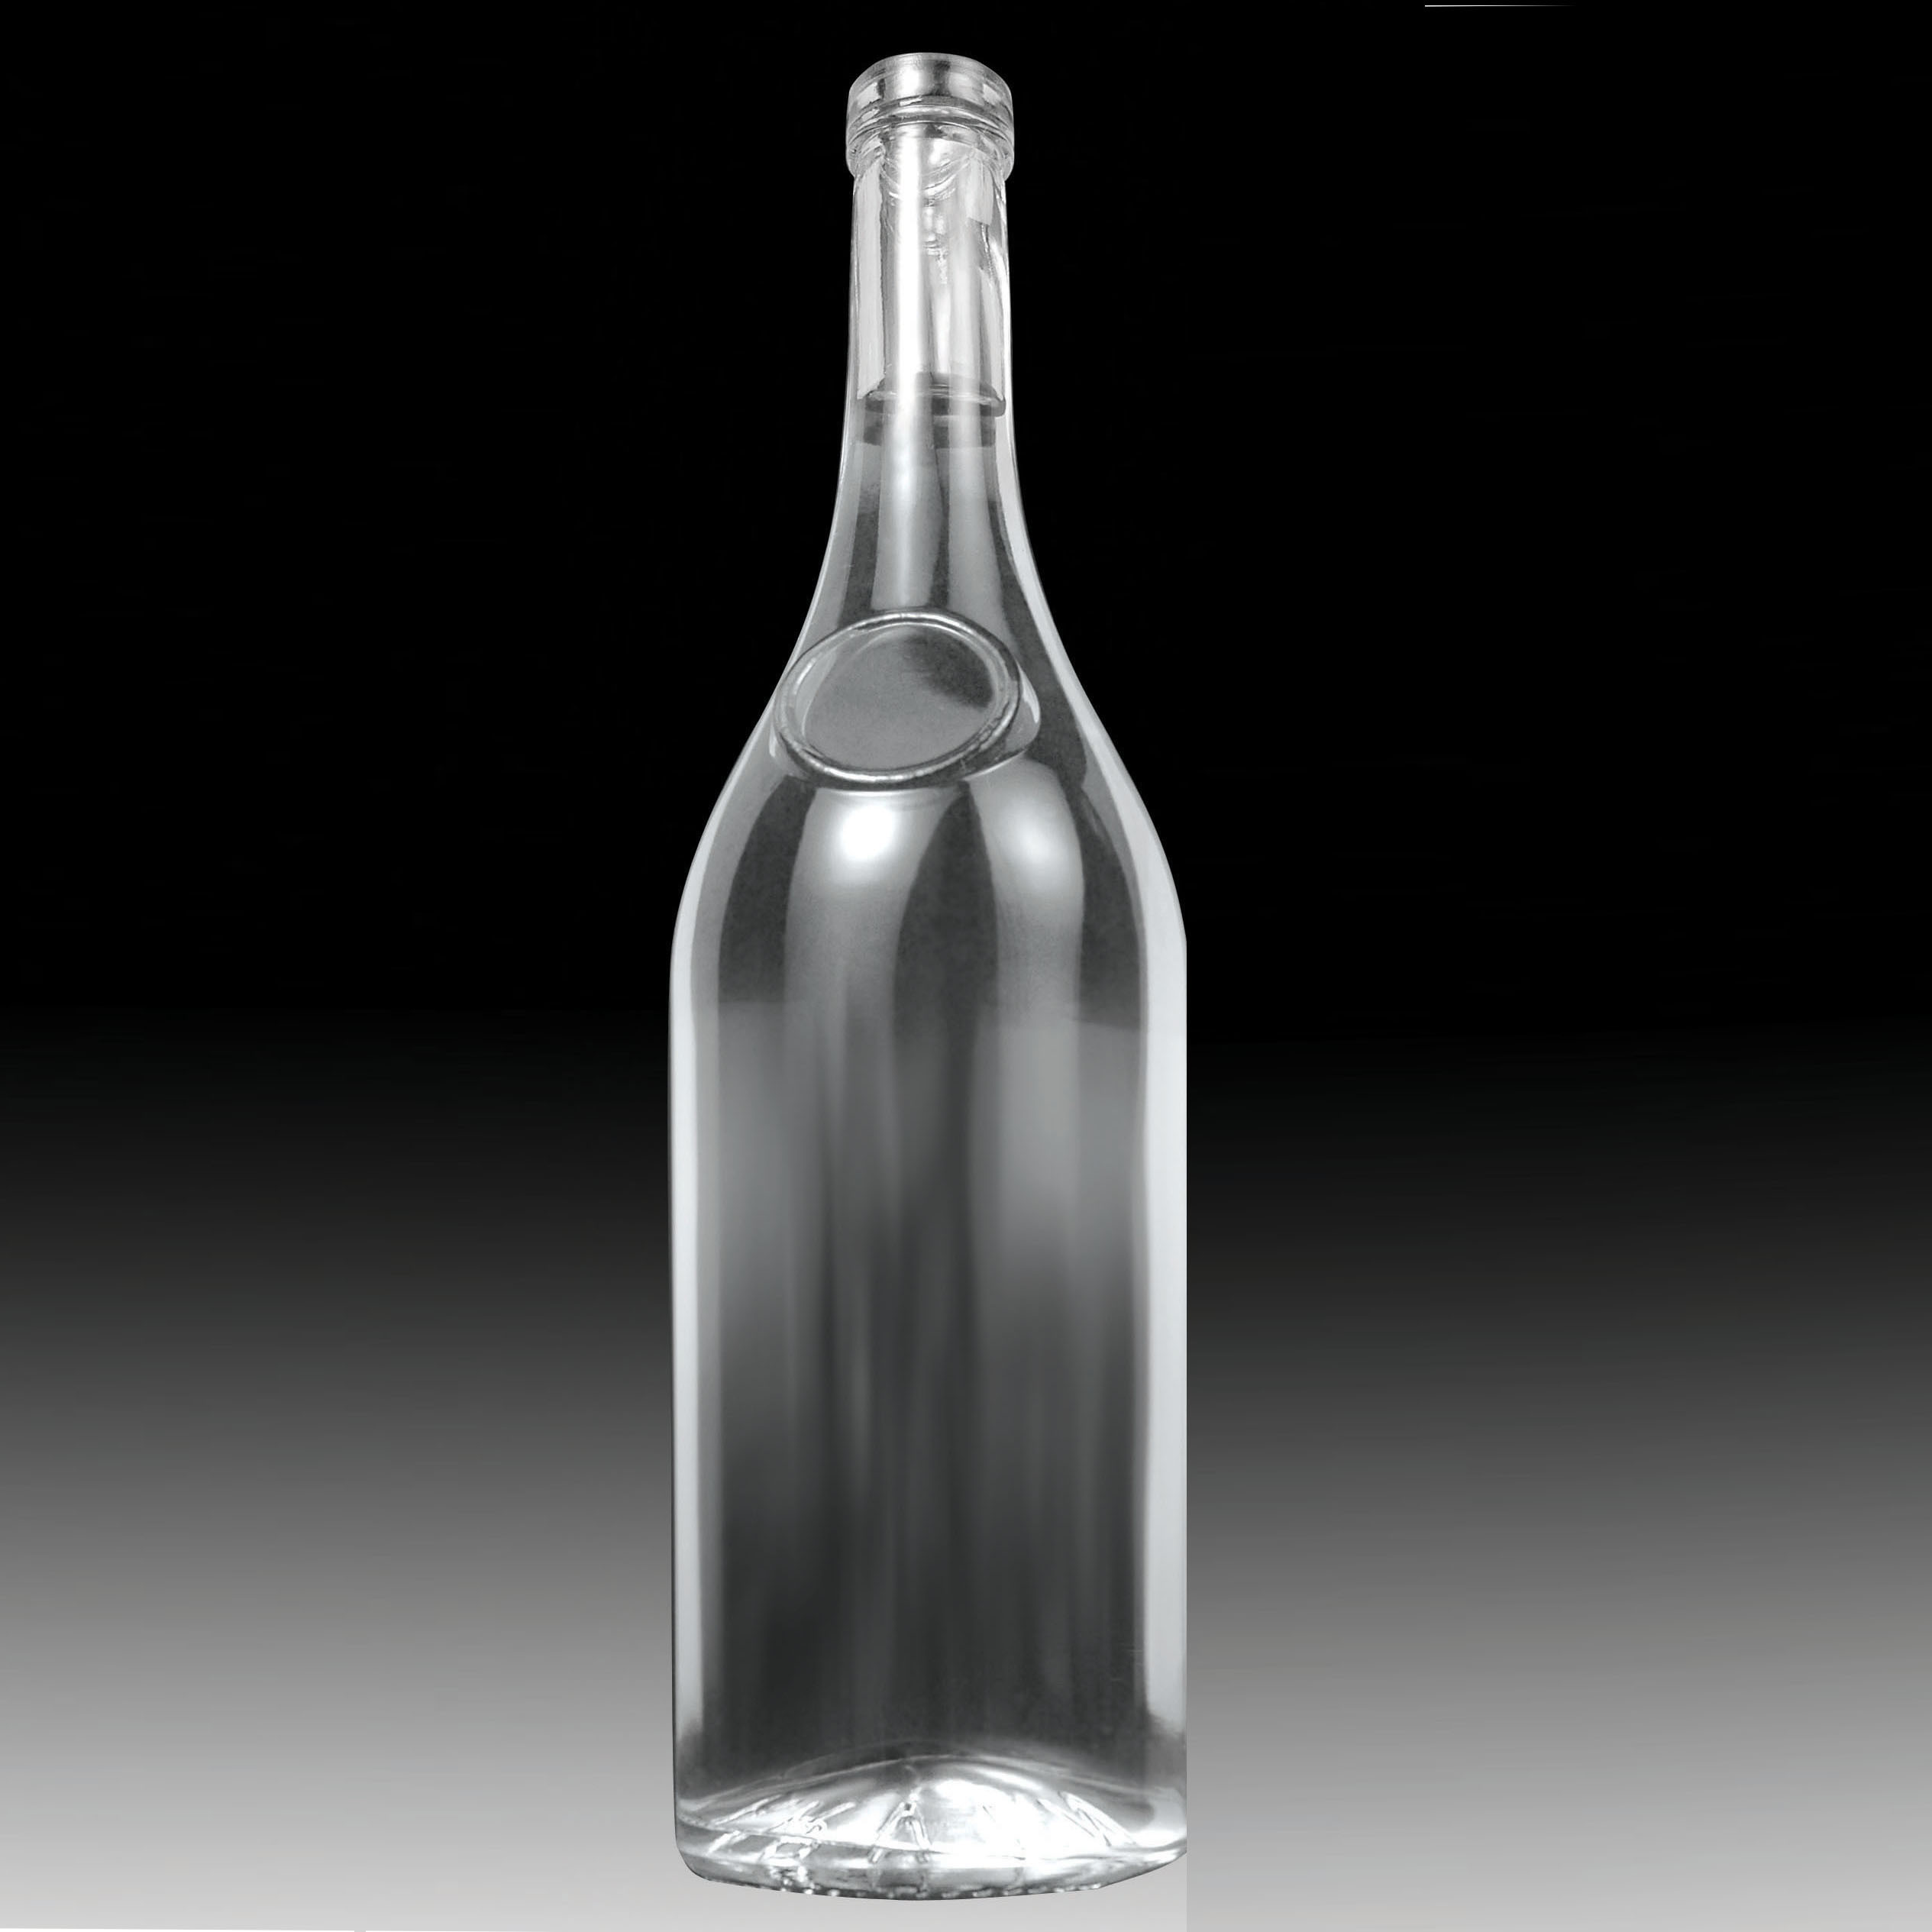 Фото бутылка в изде 8 фотография